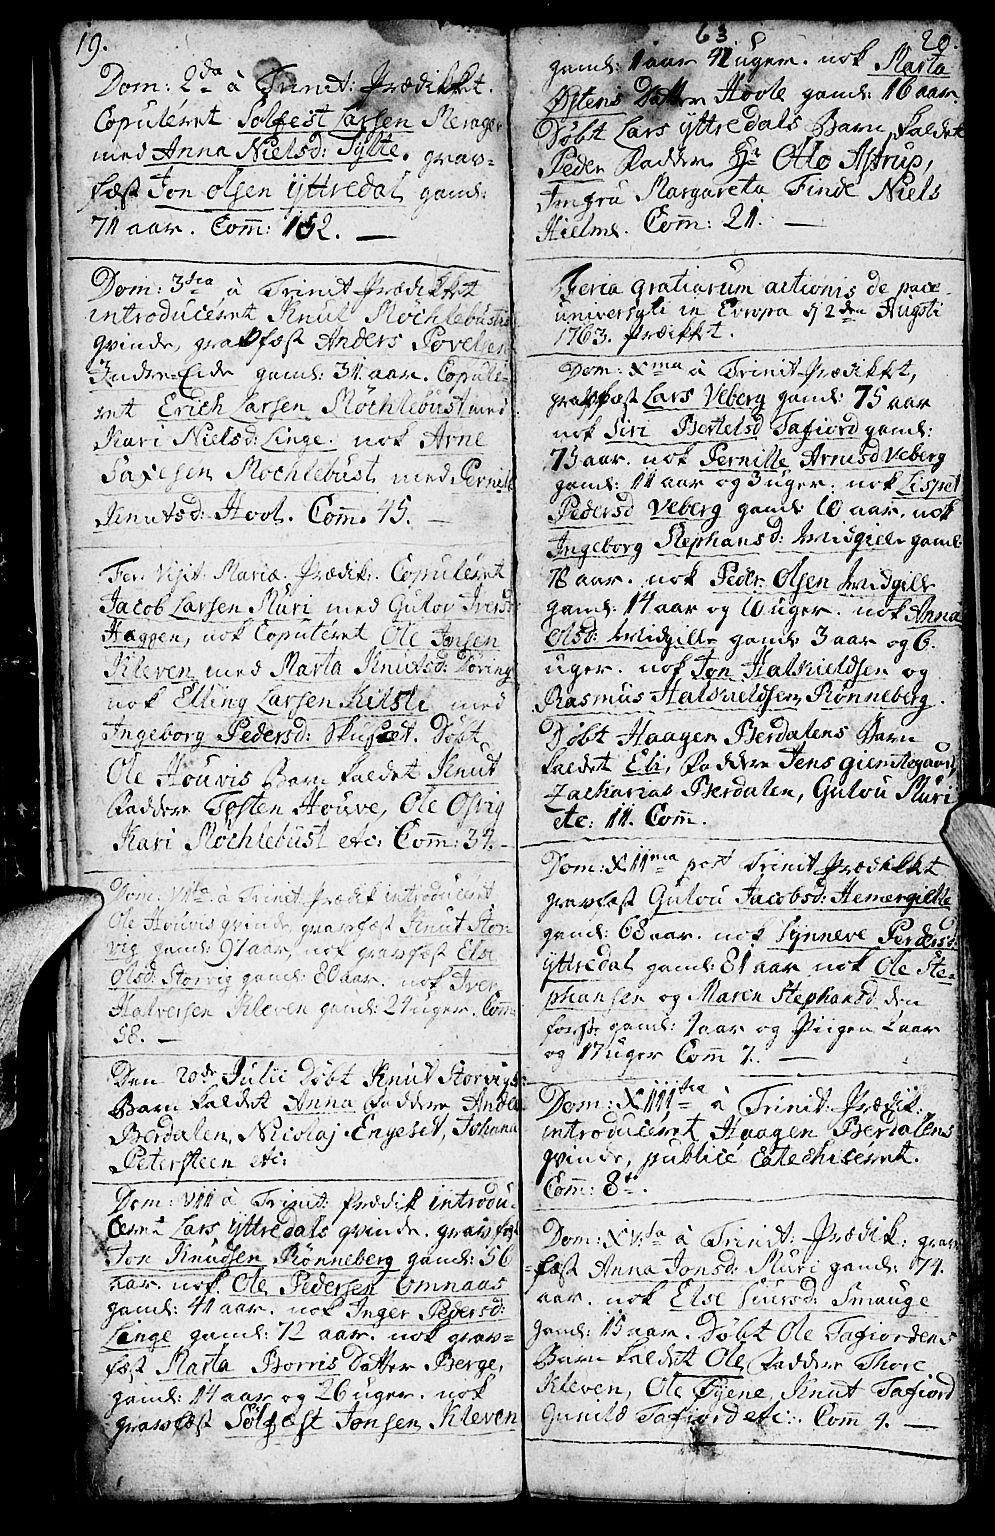 SAT, Ministerialprotokoller, klokkerbøker og fødselsregistre - Møre og Romsdal, 519/L0243: Ministerialbok nr. 519A02, 1760-1770, s. 19-20